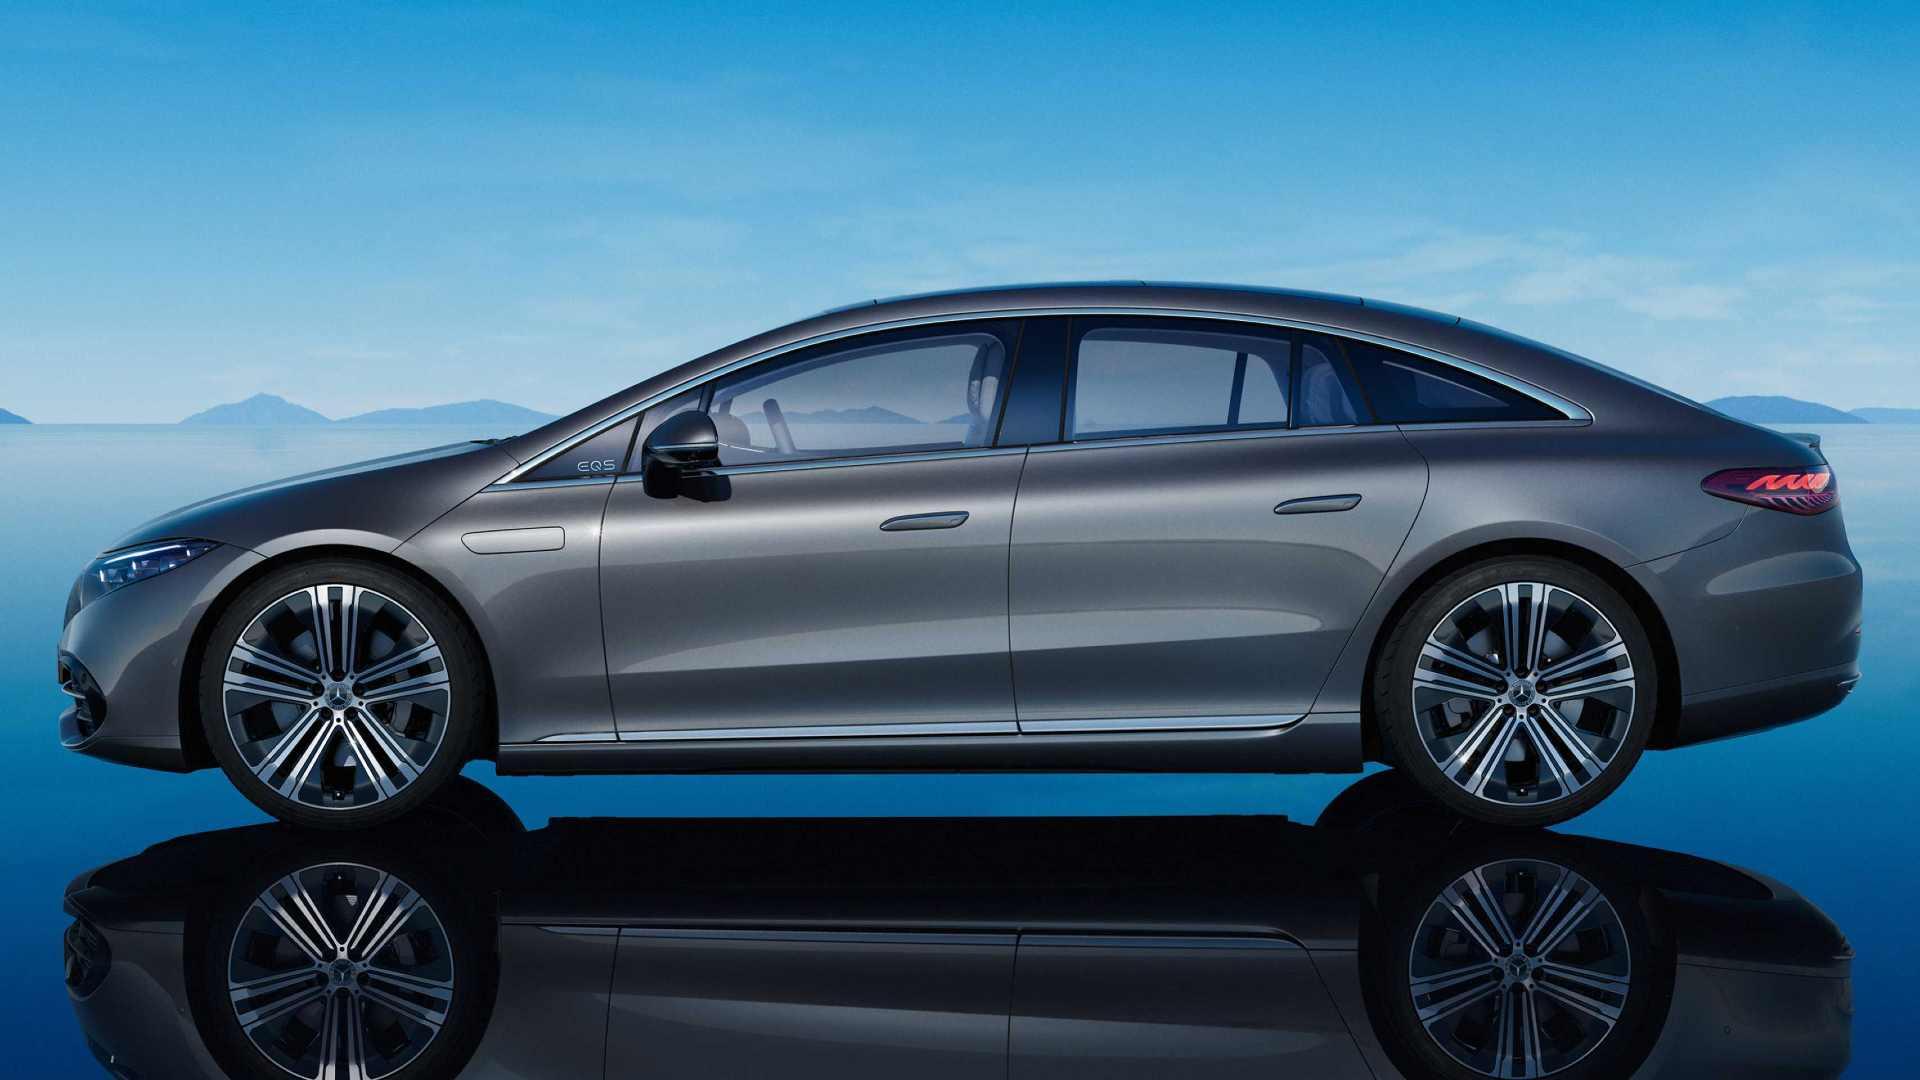 3,210 मिमी पर, मर्सिडीज-बेंज ईक्यूएस का व्हीलबेस लंबे-व्हीलबेस एस-क्लास के लगभग दर्पण है।  चित्र: मर्सिडीज-बेंज